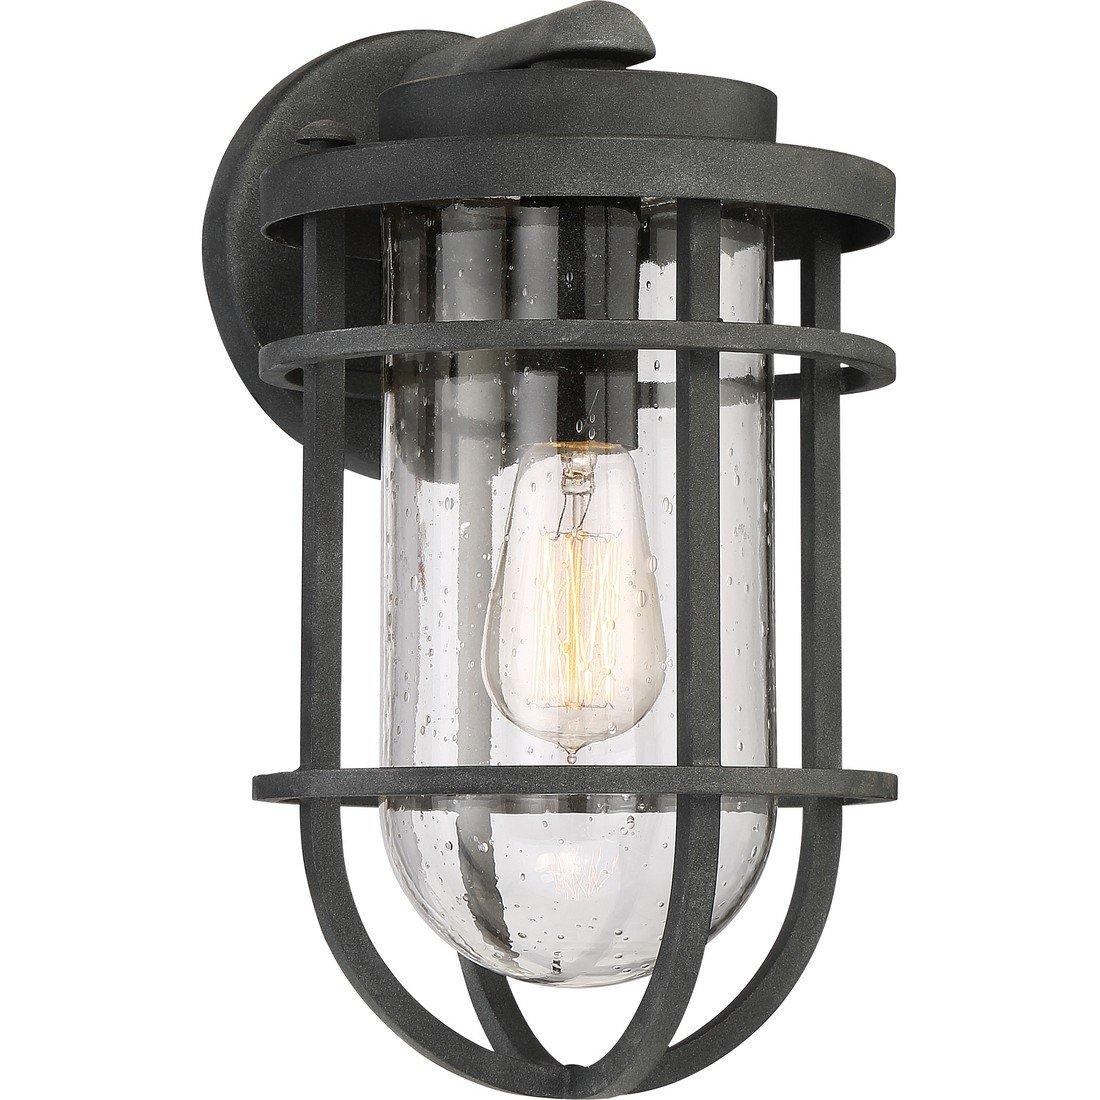 Quoizel One Light Outdoor Wall Lantern BRD8408MB, Medium, Mottled Black